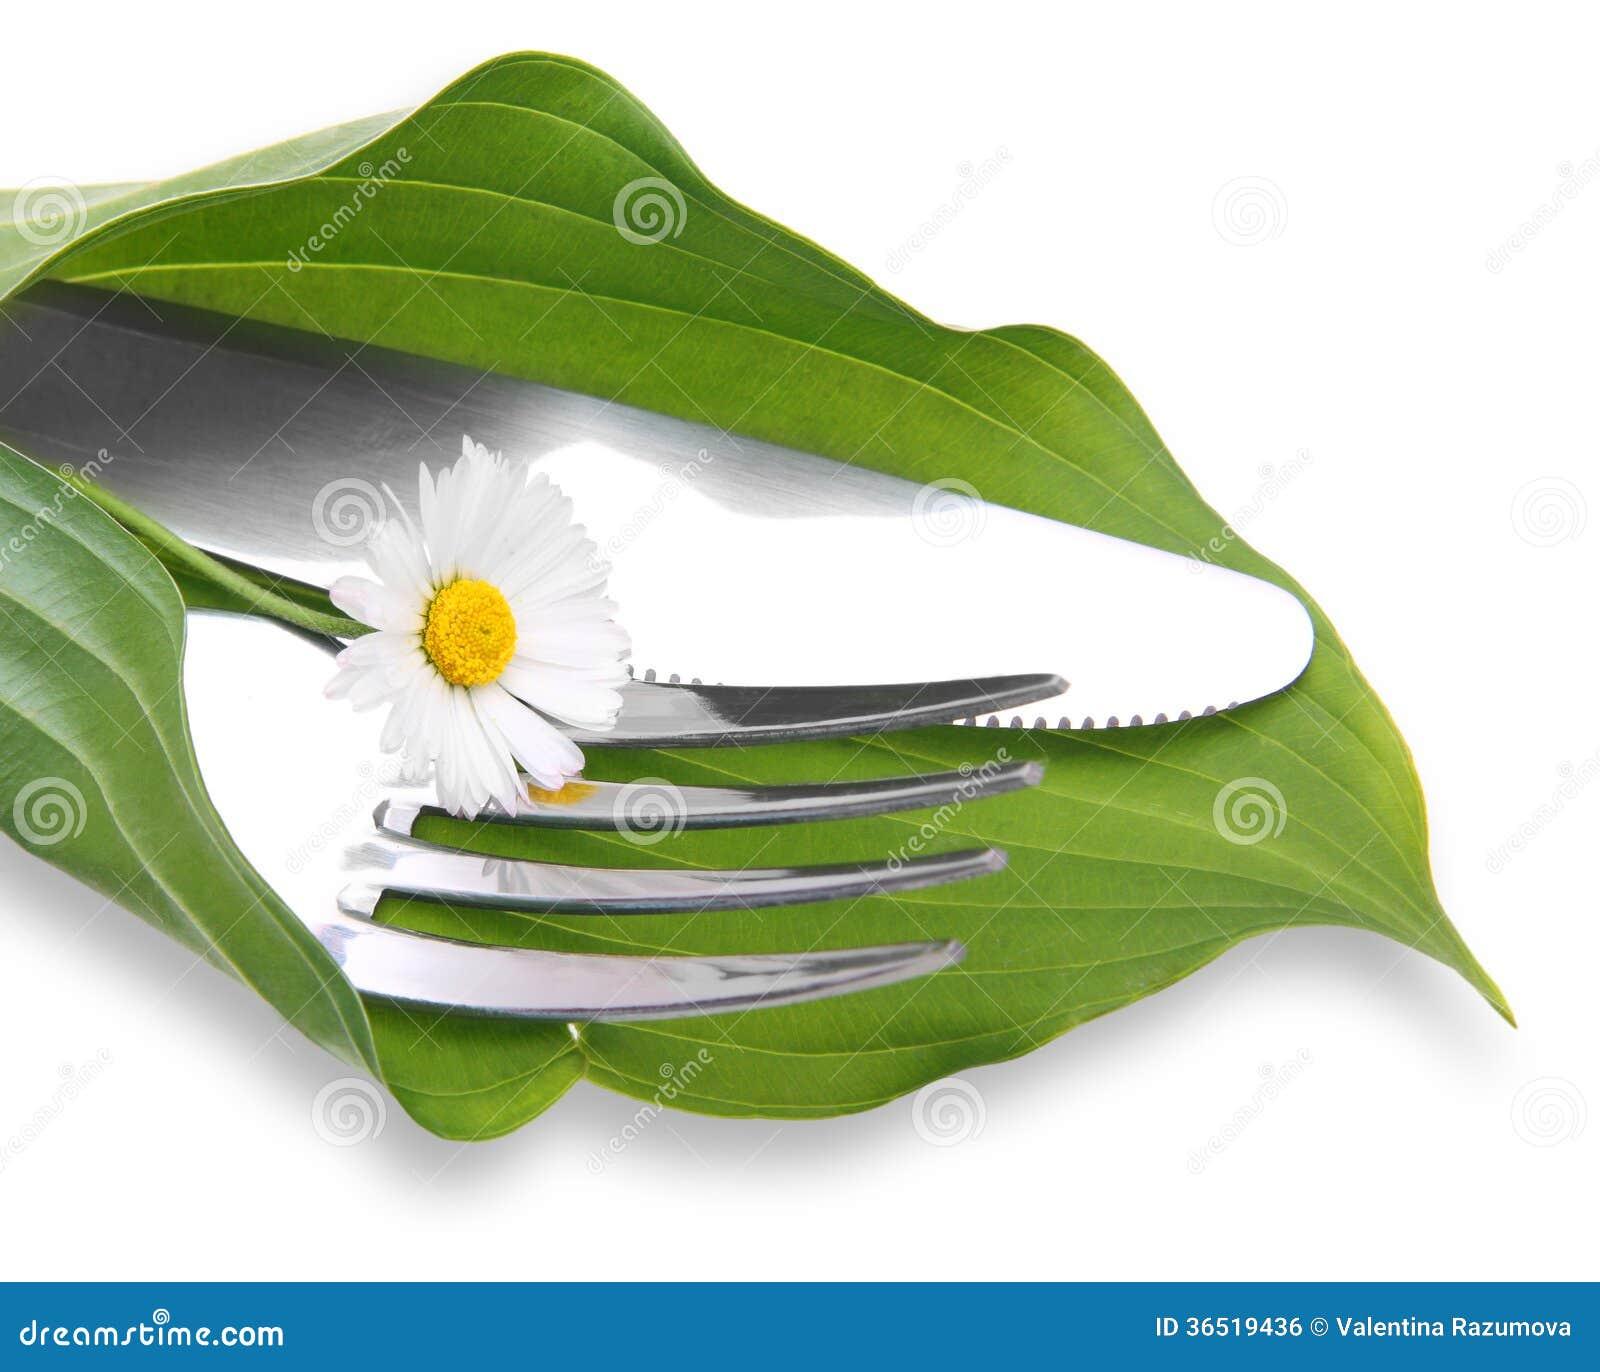 Couteau et fourchette dans la feuille verte